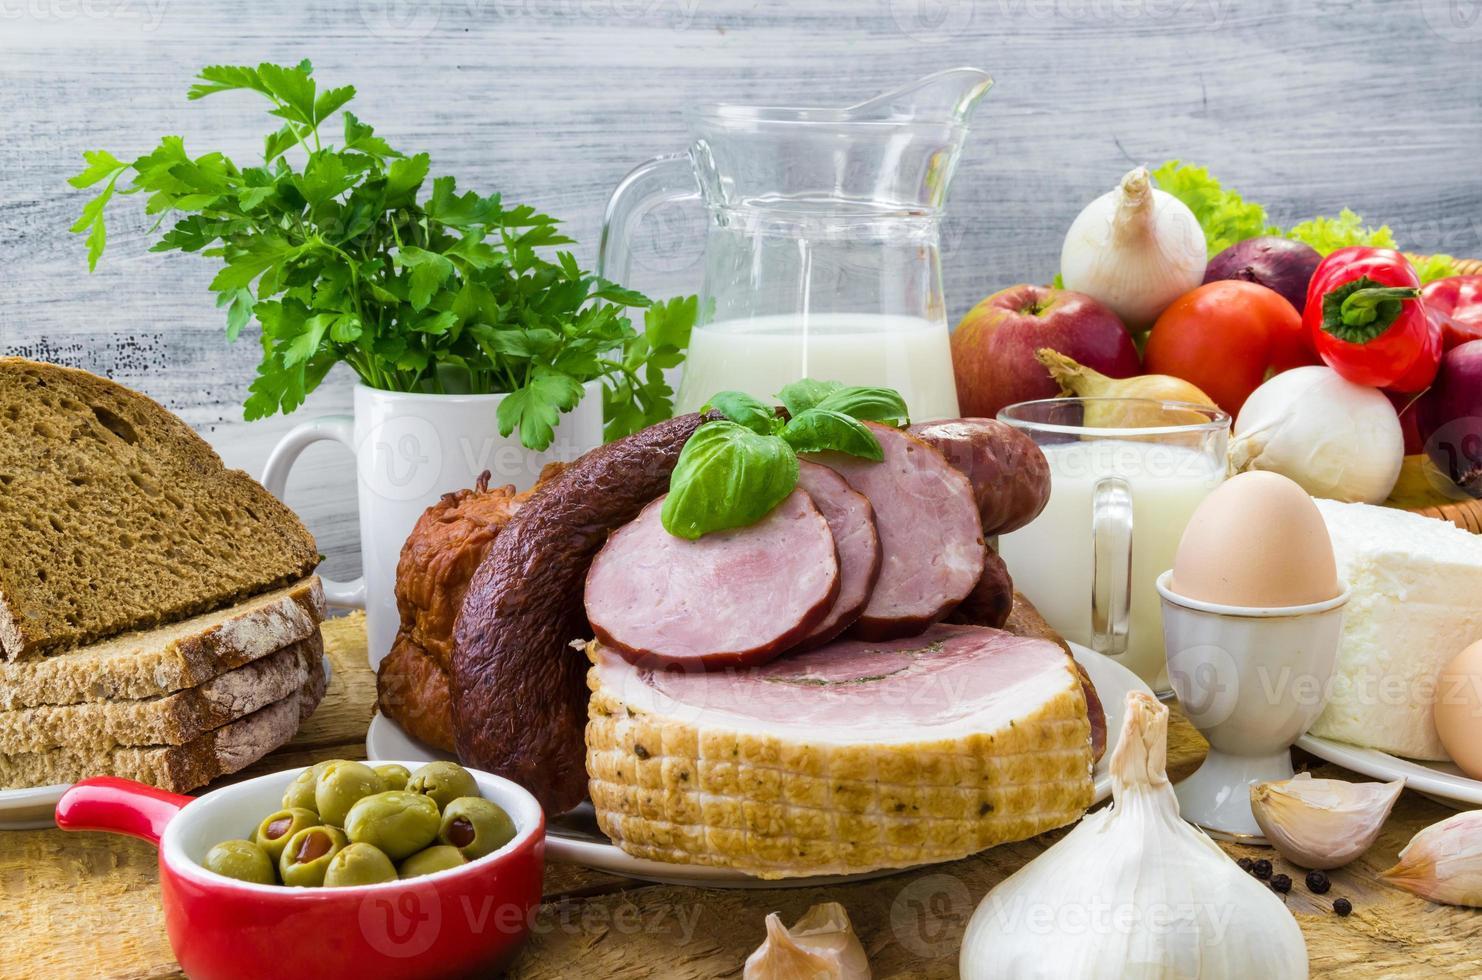 composizione varietà prodotti alimentari carne latticini foto